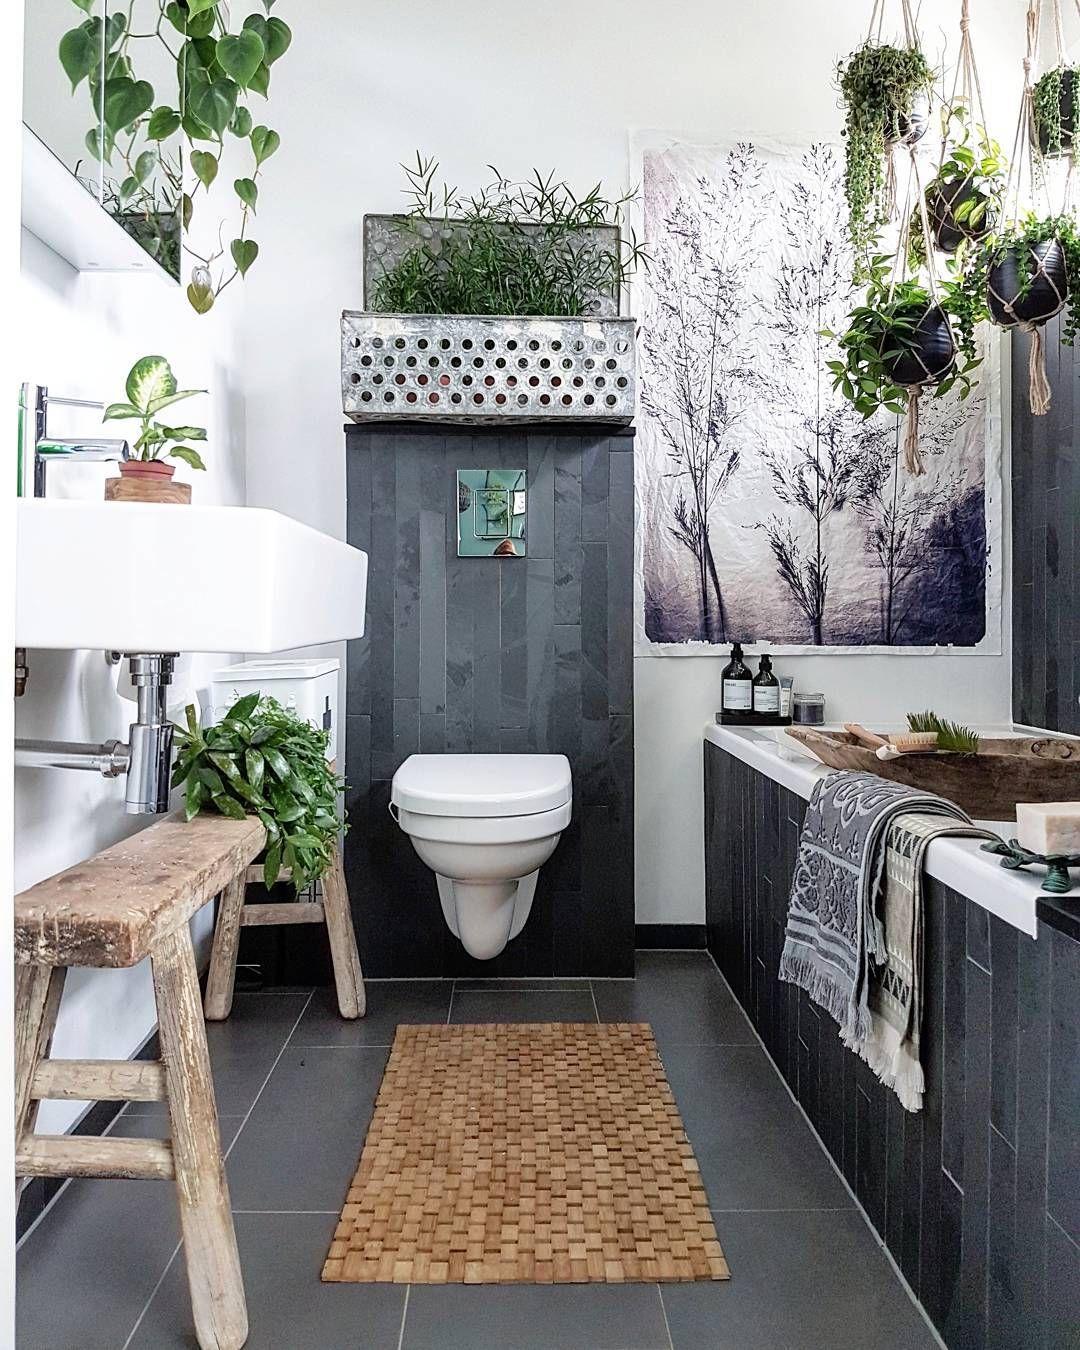 Badezimmer ideen schwarz kleines badezimmer schwarz weiß einrichtung ideen small